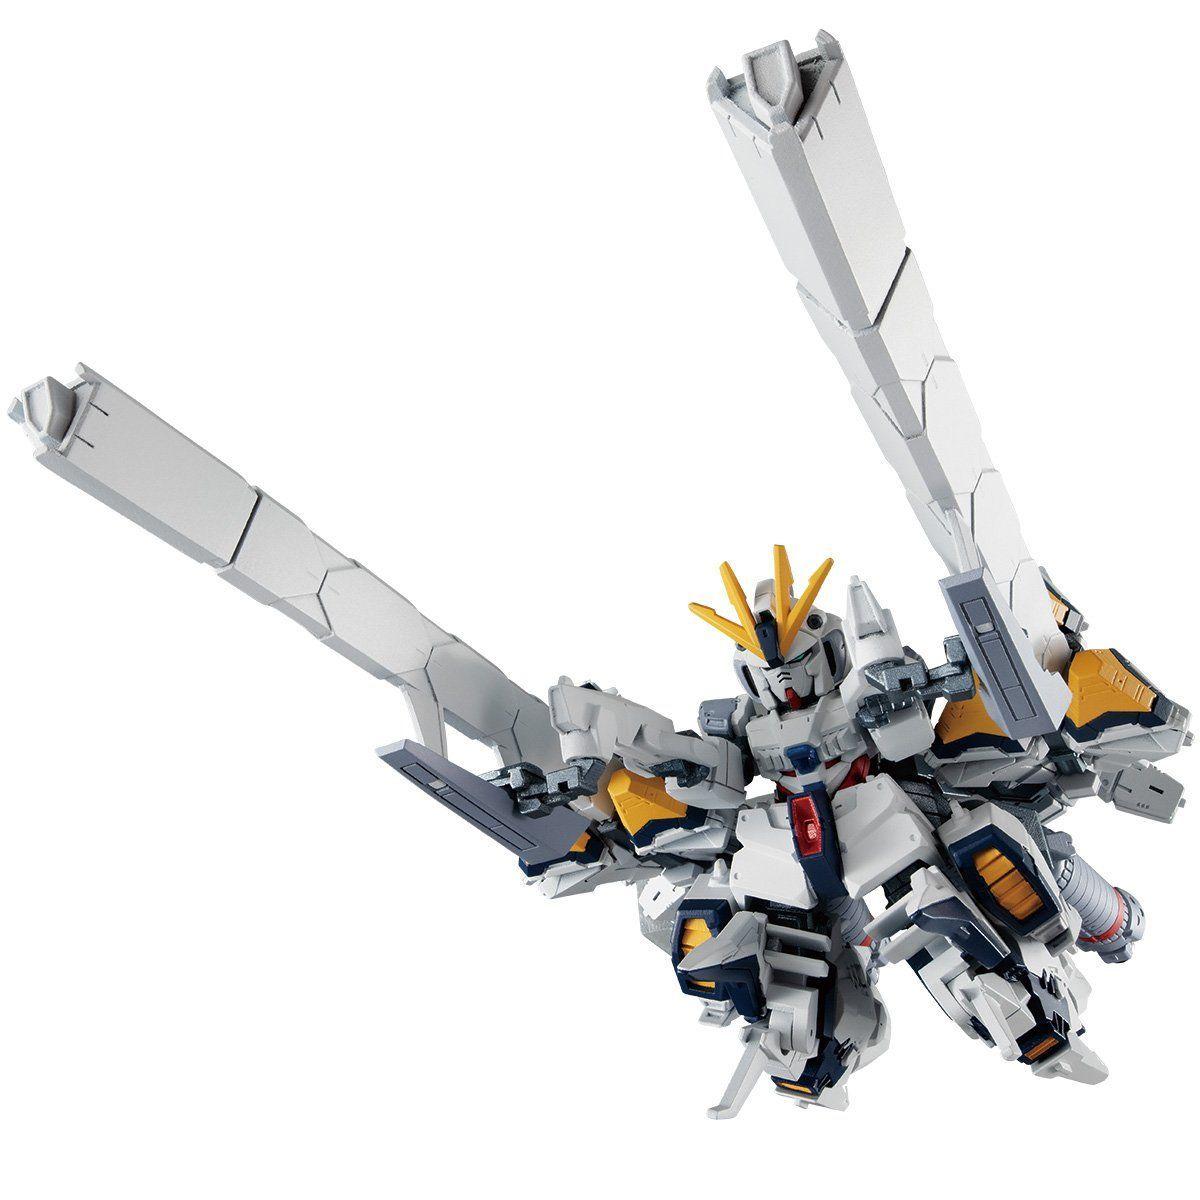 【食玩】FW GUNDAM CONVERGE『EX28 ナラティブガンダムA装備』機動戦士ガンダムNT 食玩フィギュア-001